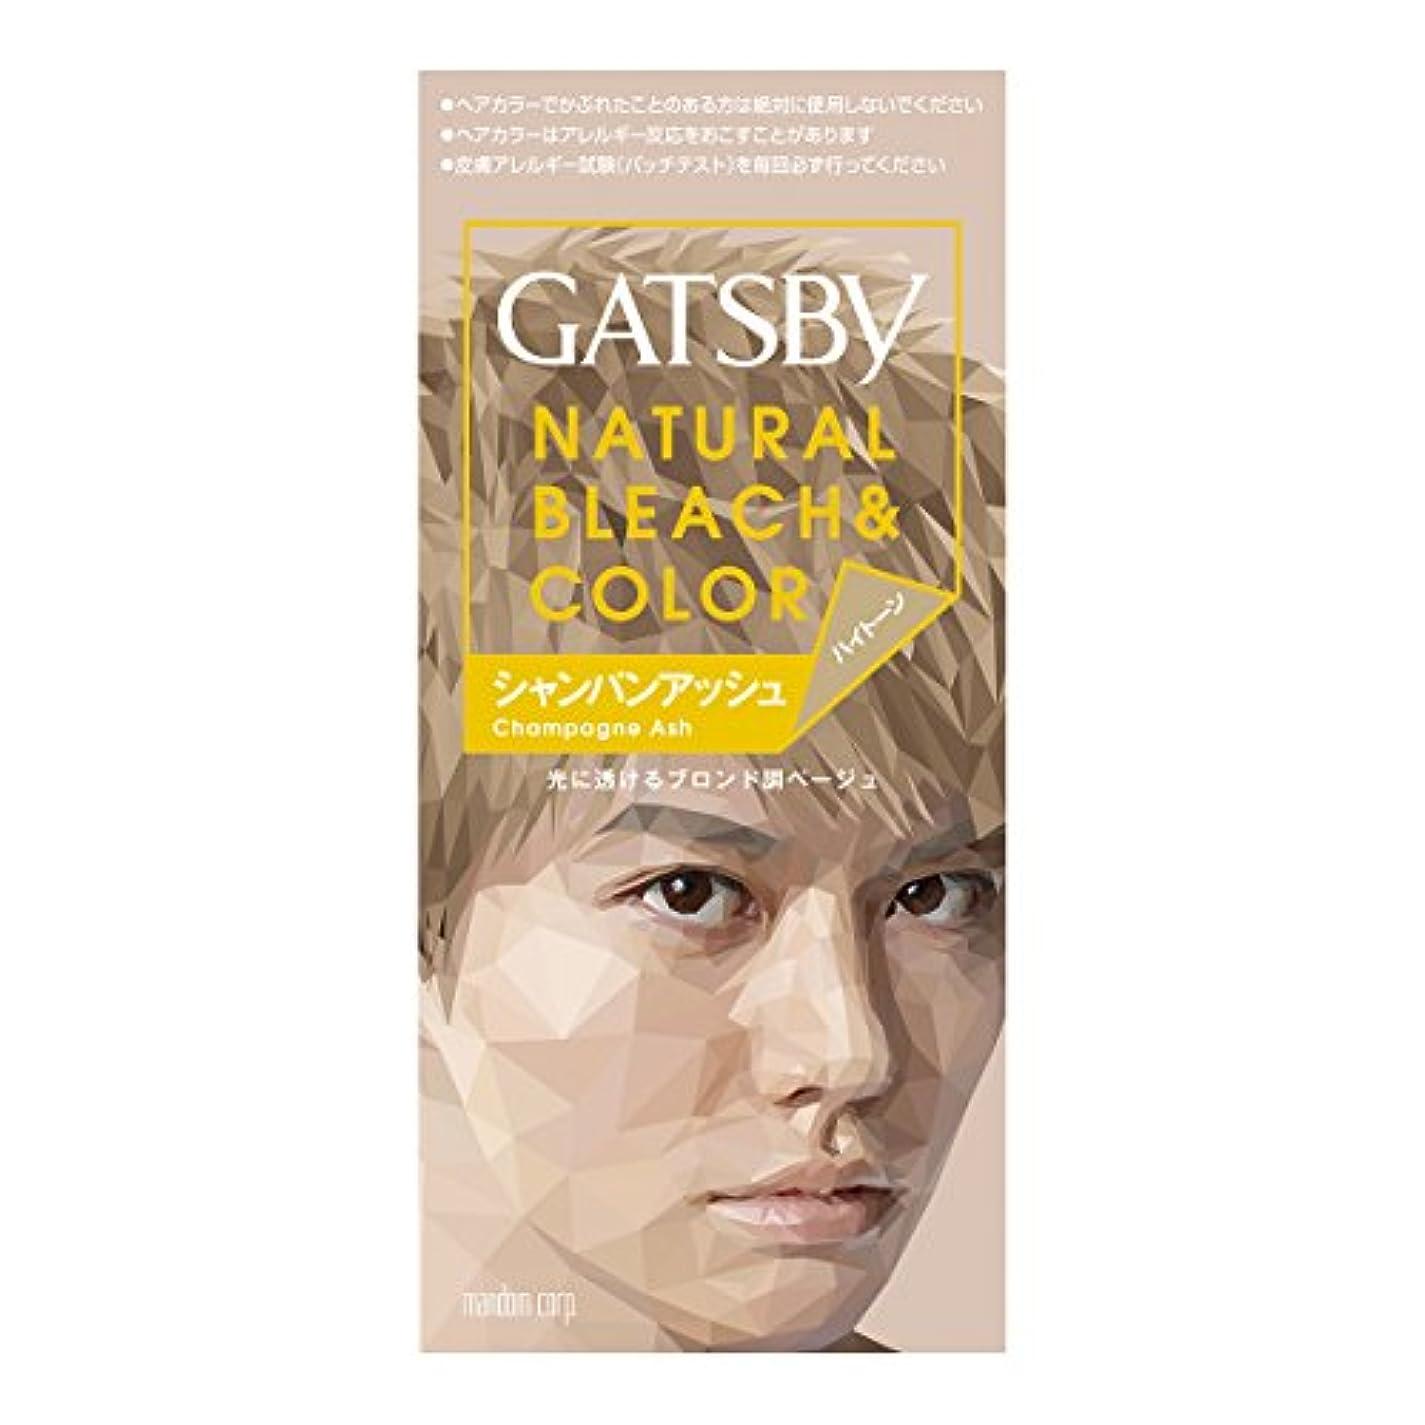 ギャツビー ナチュラルブリーチカラー シャンパンアッシュ【HTRC5.1】